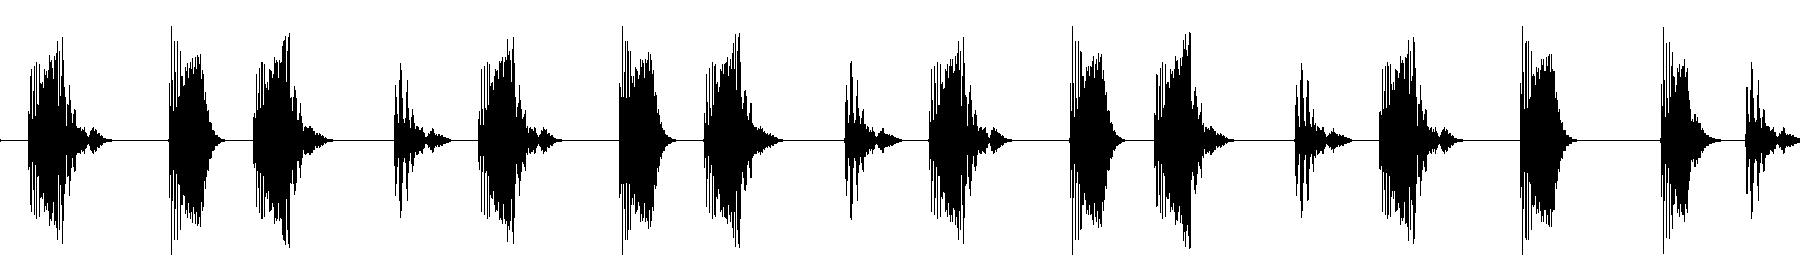 pth bass 14